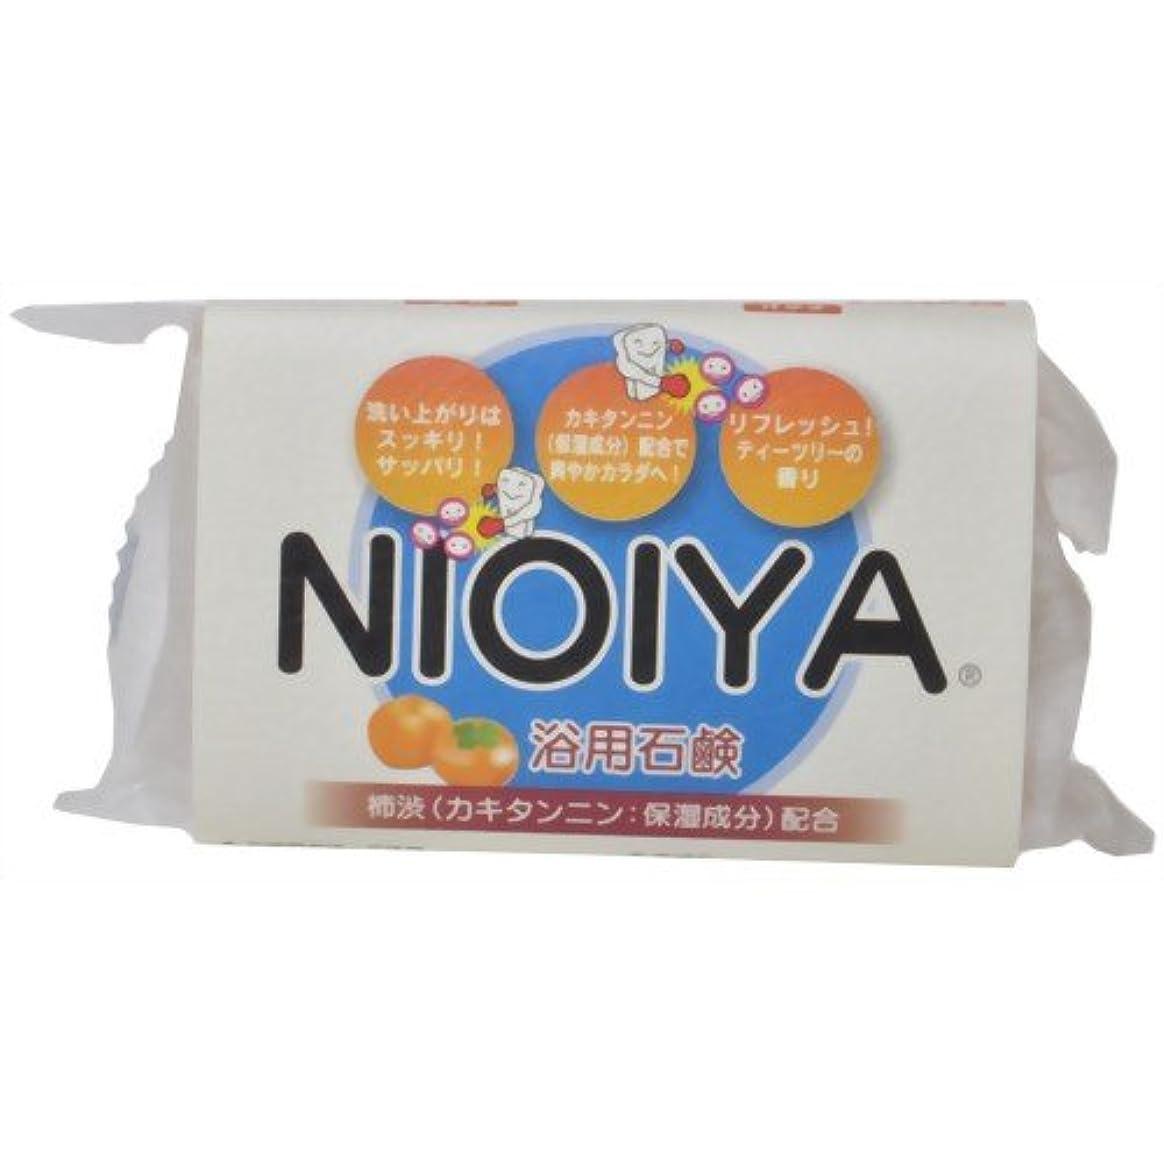 葬儀制約議題NIOIYA 浴用石鹸 120g